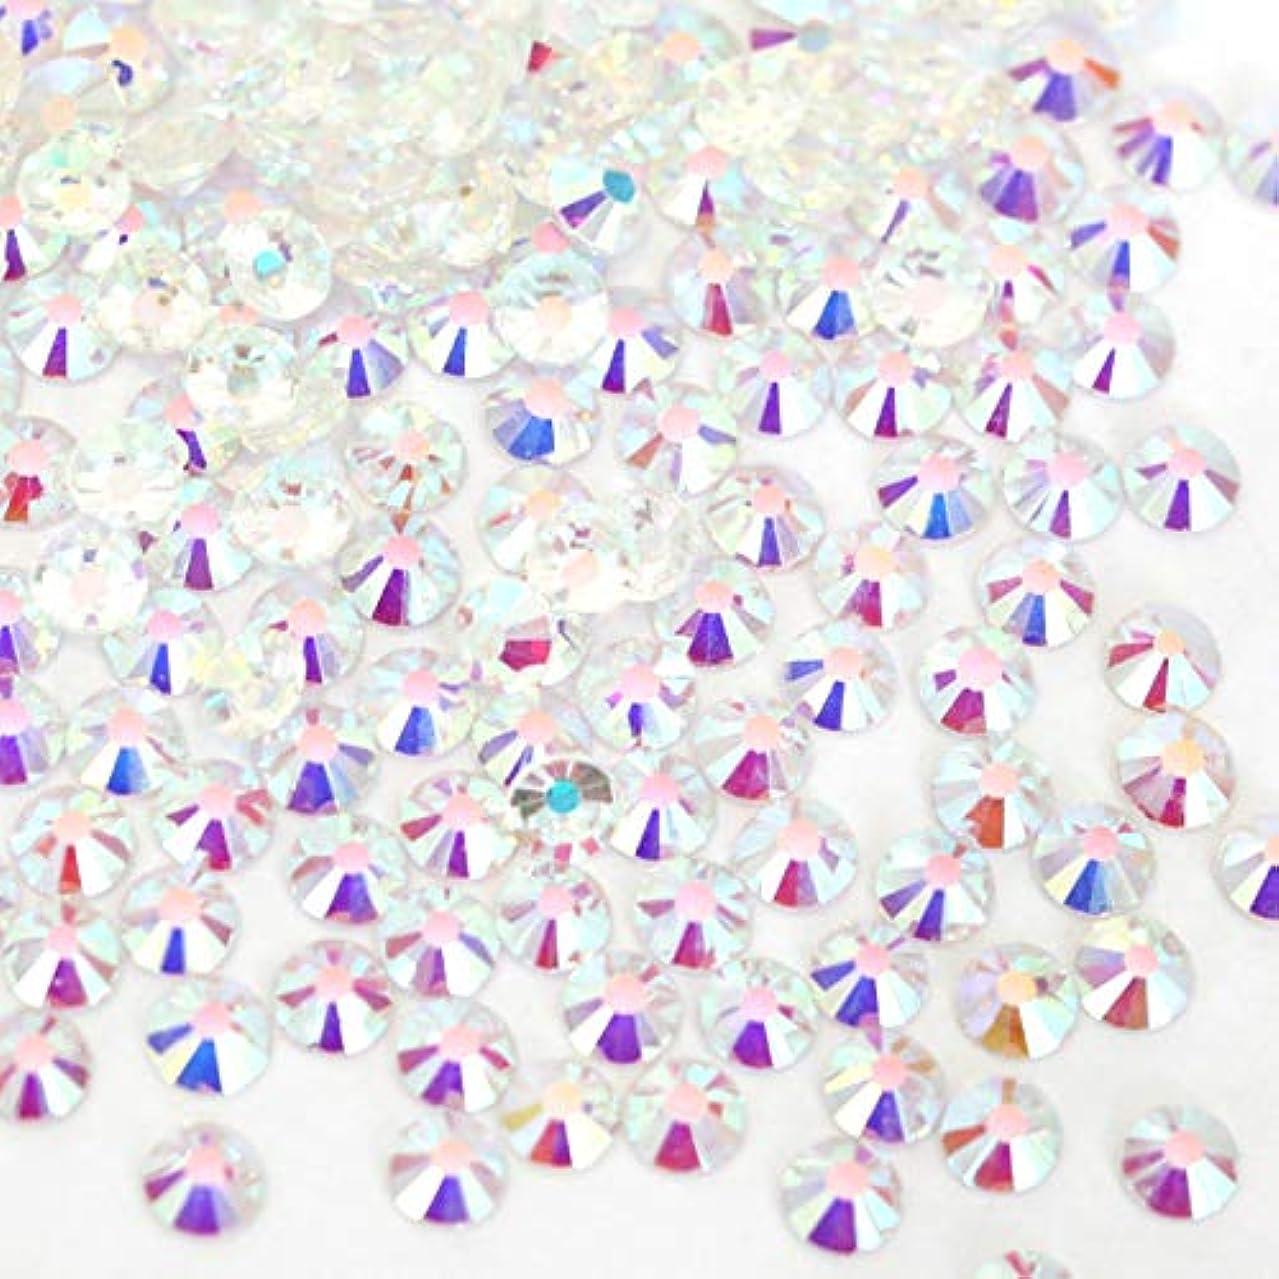 接地快適熟達した【ラインストーン77】 ガラス製ラインストーン オーロラクリスタルアンホイル(透明底)各サイズ選択可能 スワロフスキー同等 (SS16 約150粒)